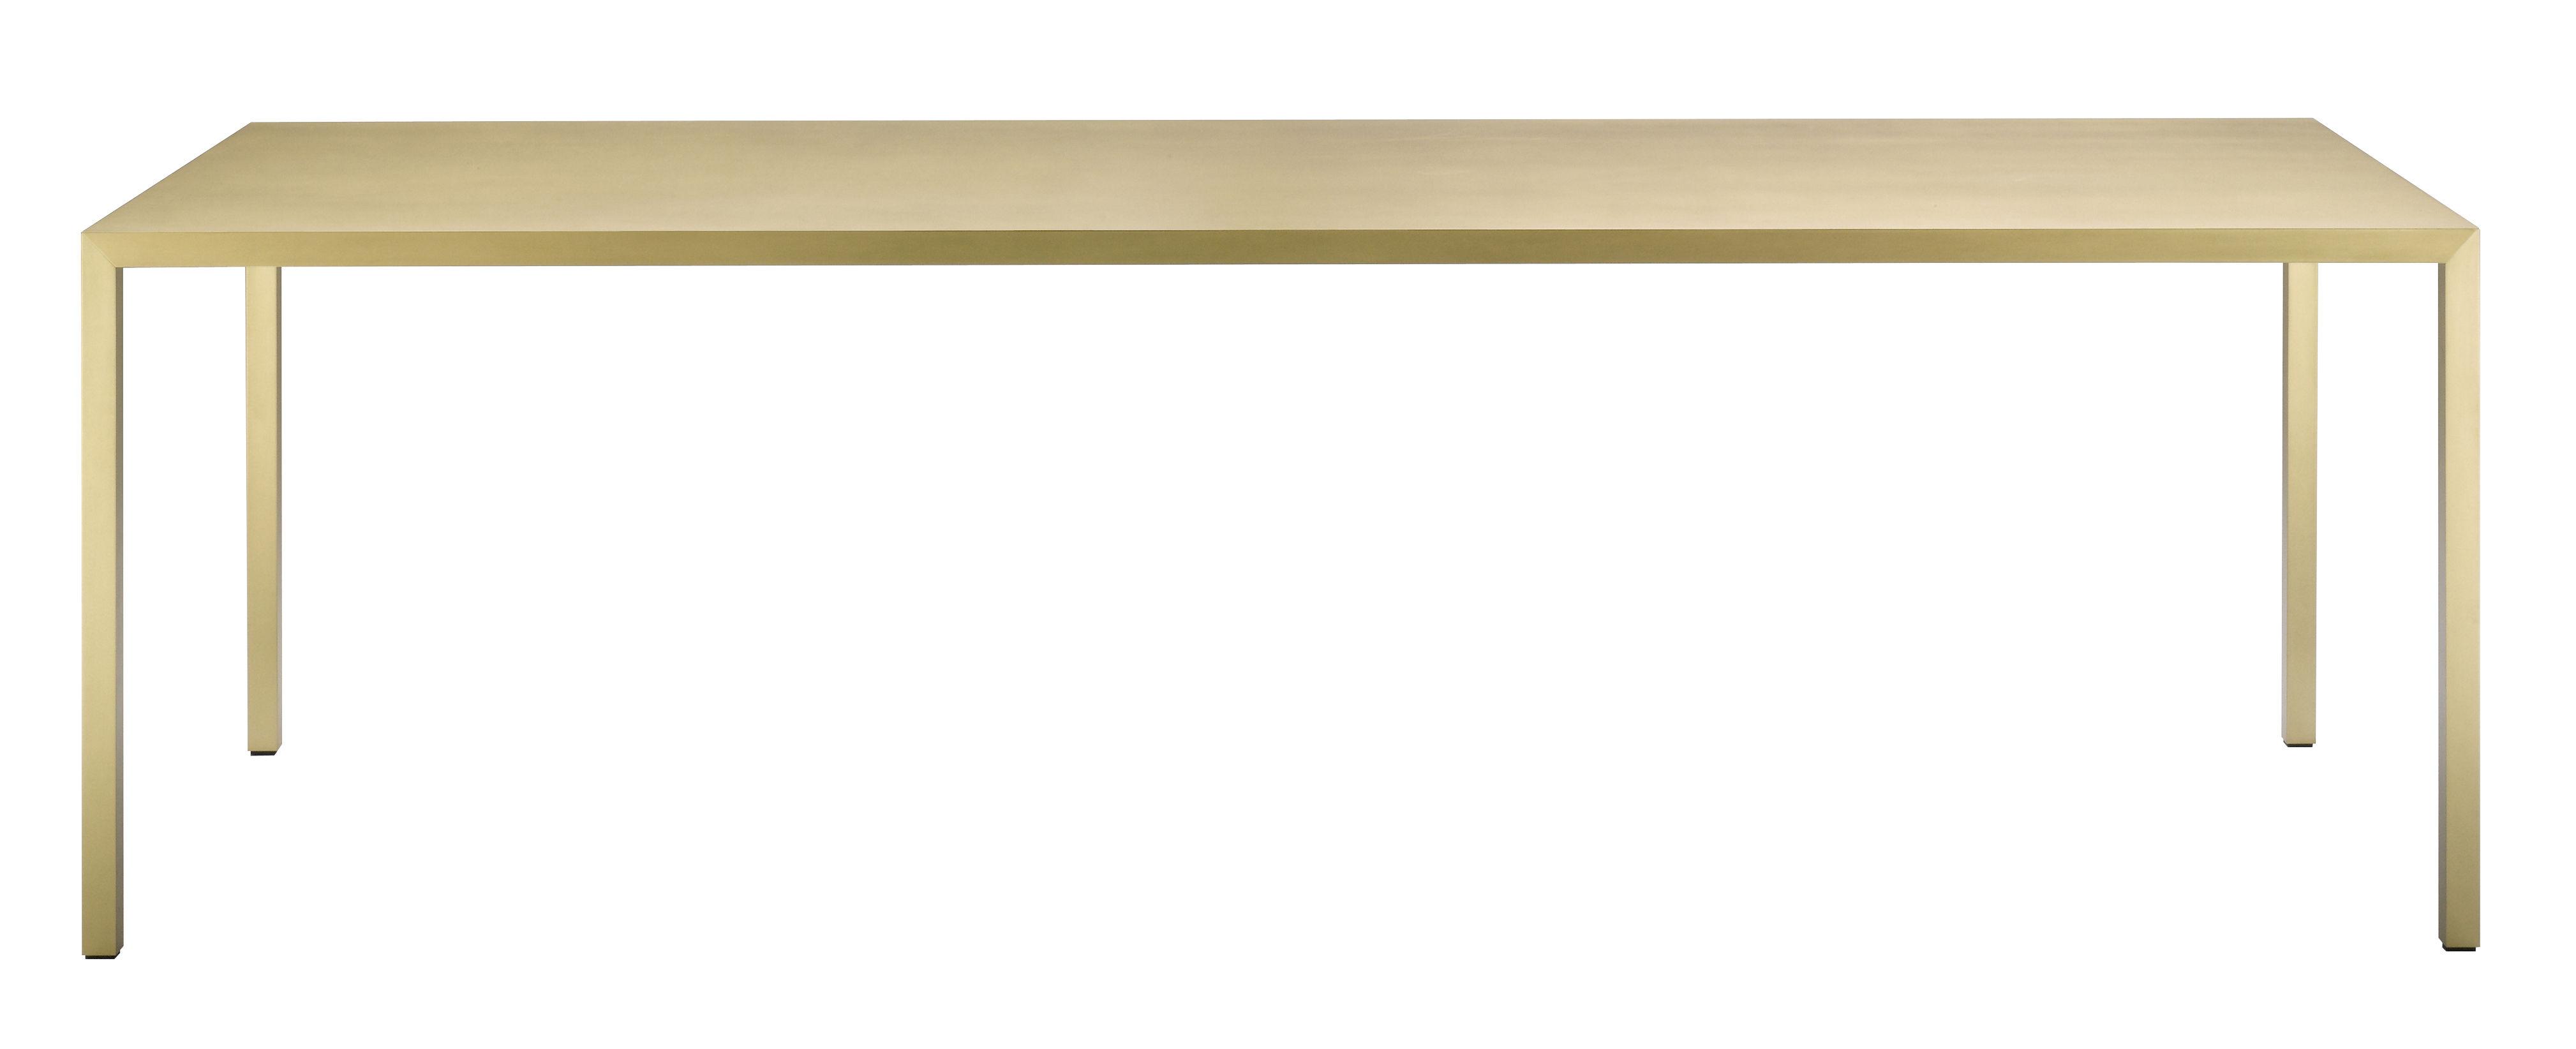 Möbel - Tische - Tense Material rechteckiger Tisch / 90 x 200 cm - Messing - MDF Italia - Messing, gebürstet - Messing-Furnier, gebürstet, Verbundplatte